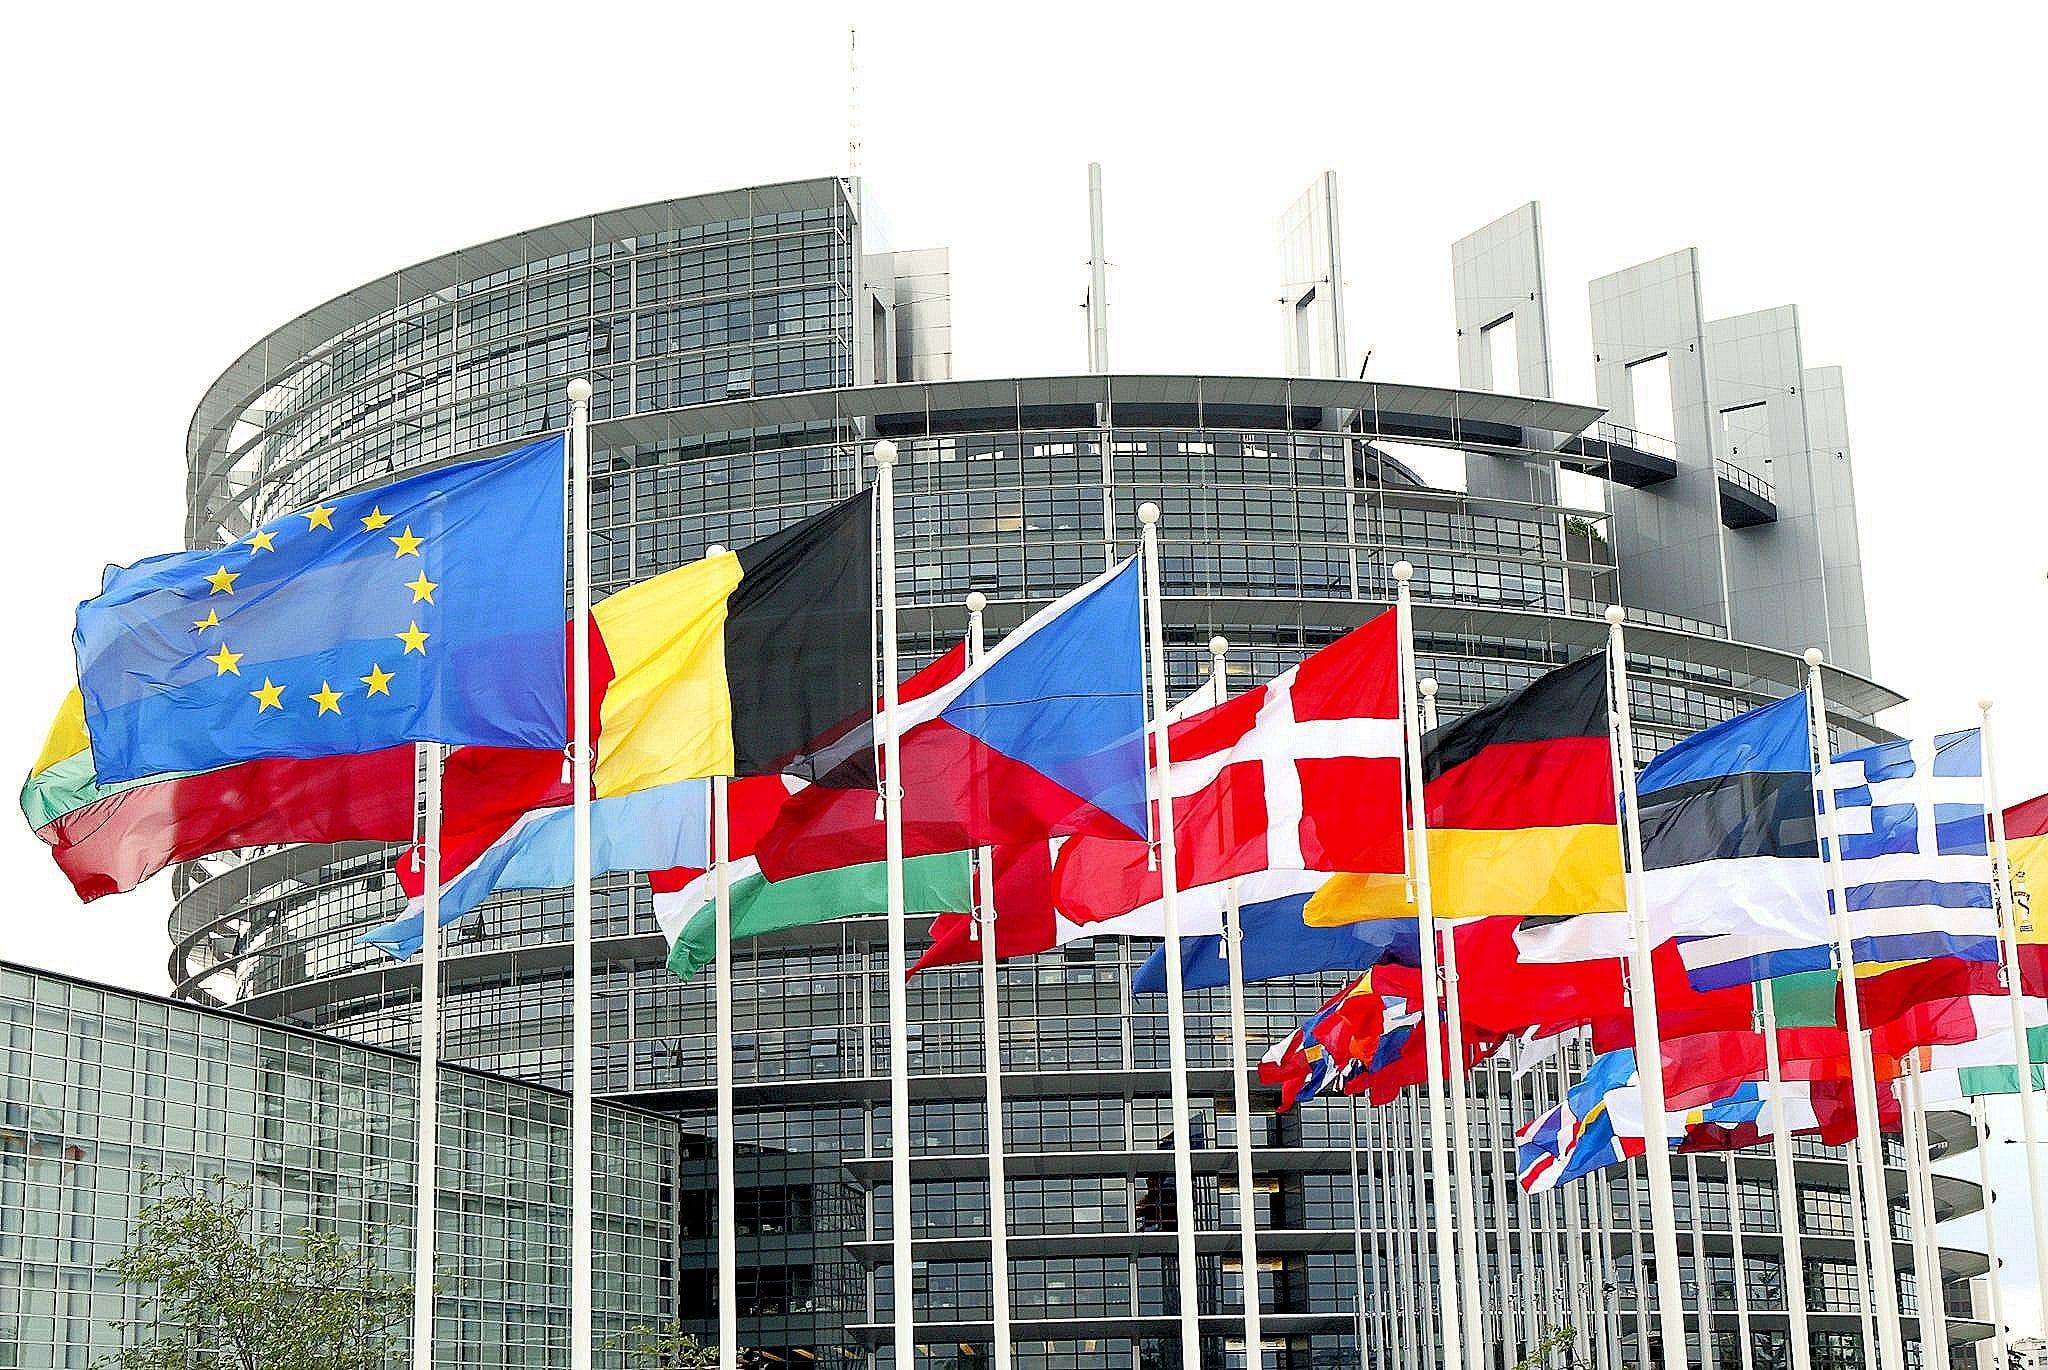 Il Parlamento Europeo approva la legge che protegge il Whistleblower (coloro che denunciano le illegalità dell'azienda per cui lavorano)